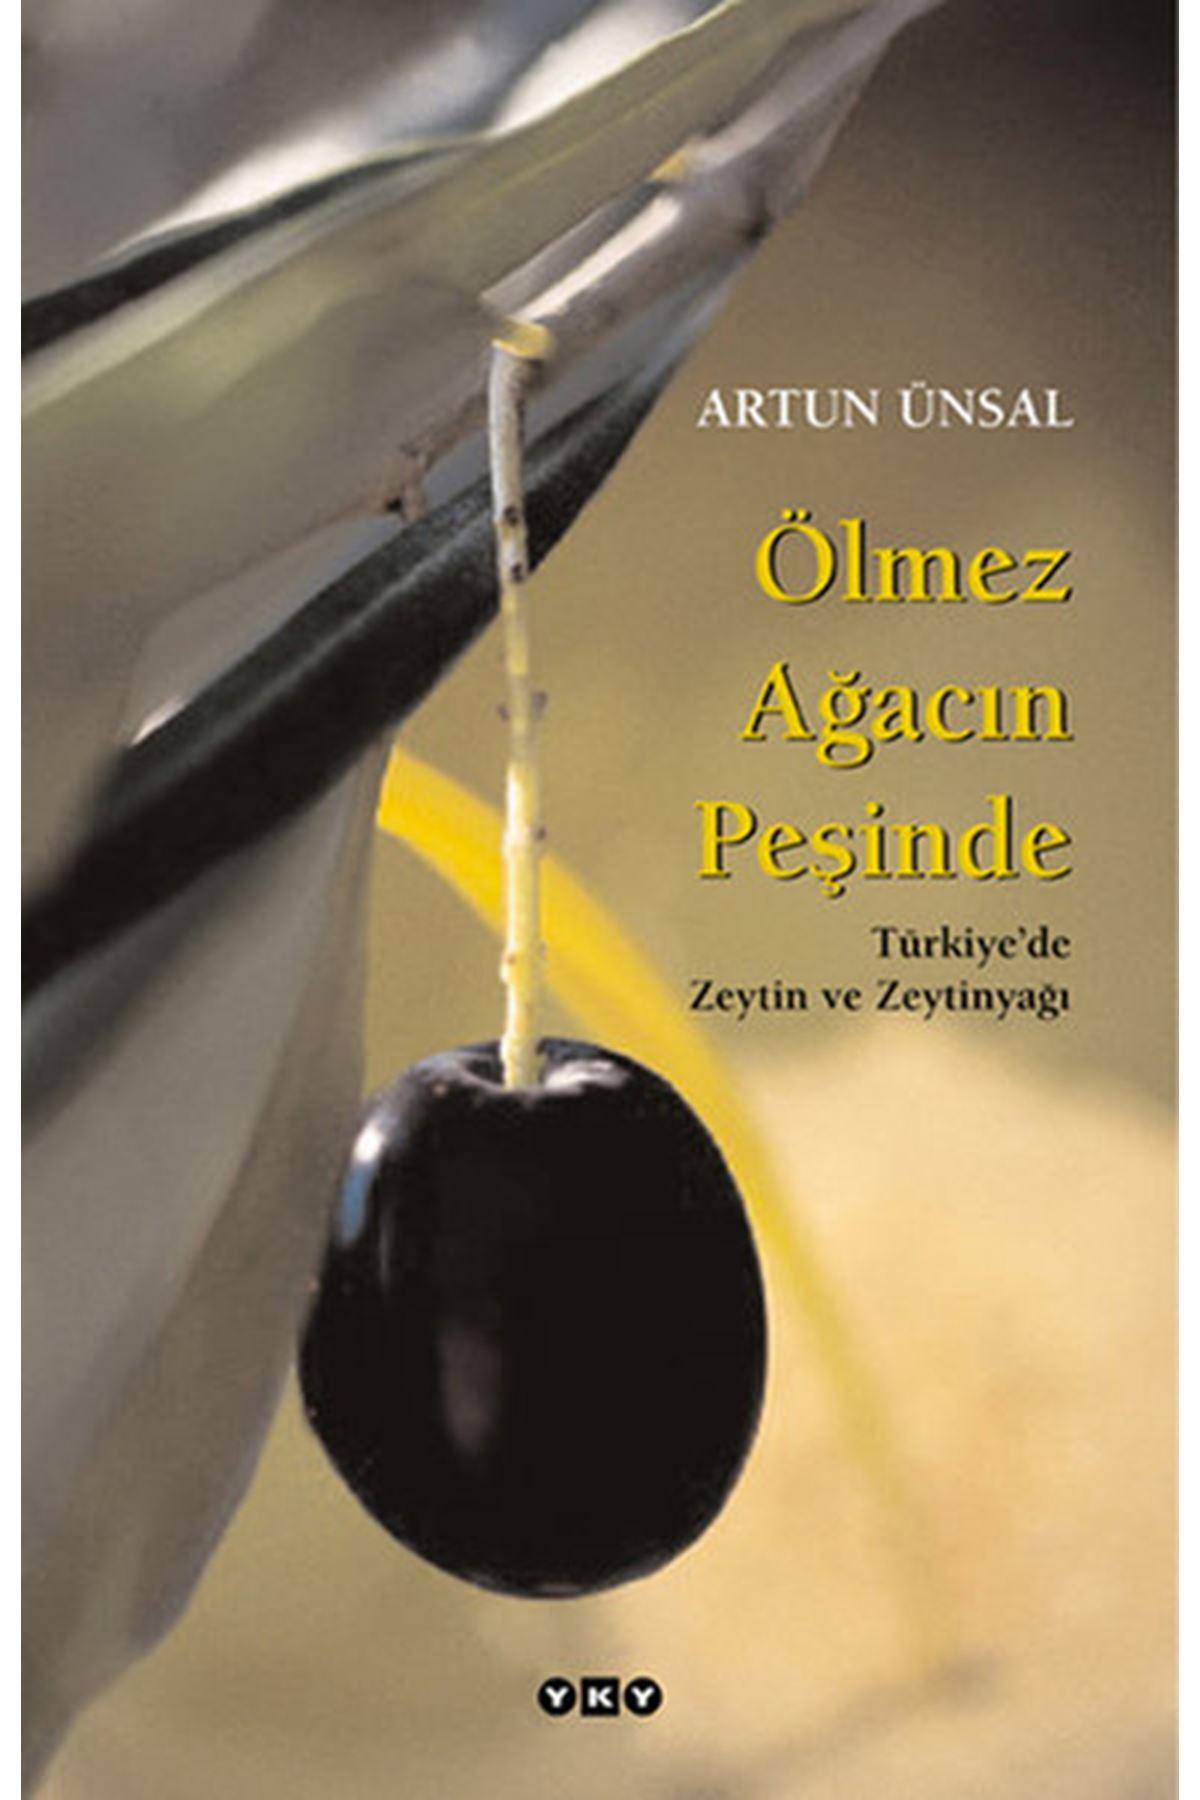 ARTUN ÜNSAL-ÖLMEZ AĞACIN PEŞİNDE